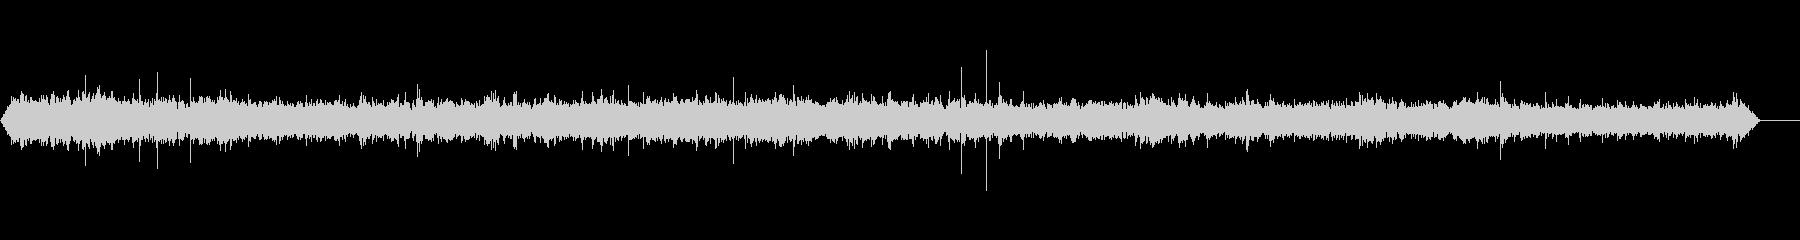 デパート-声-ステップの未再生の波形